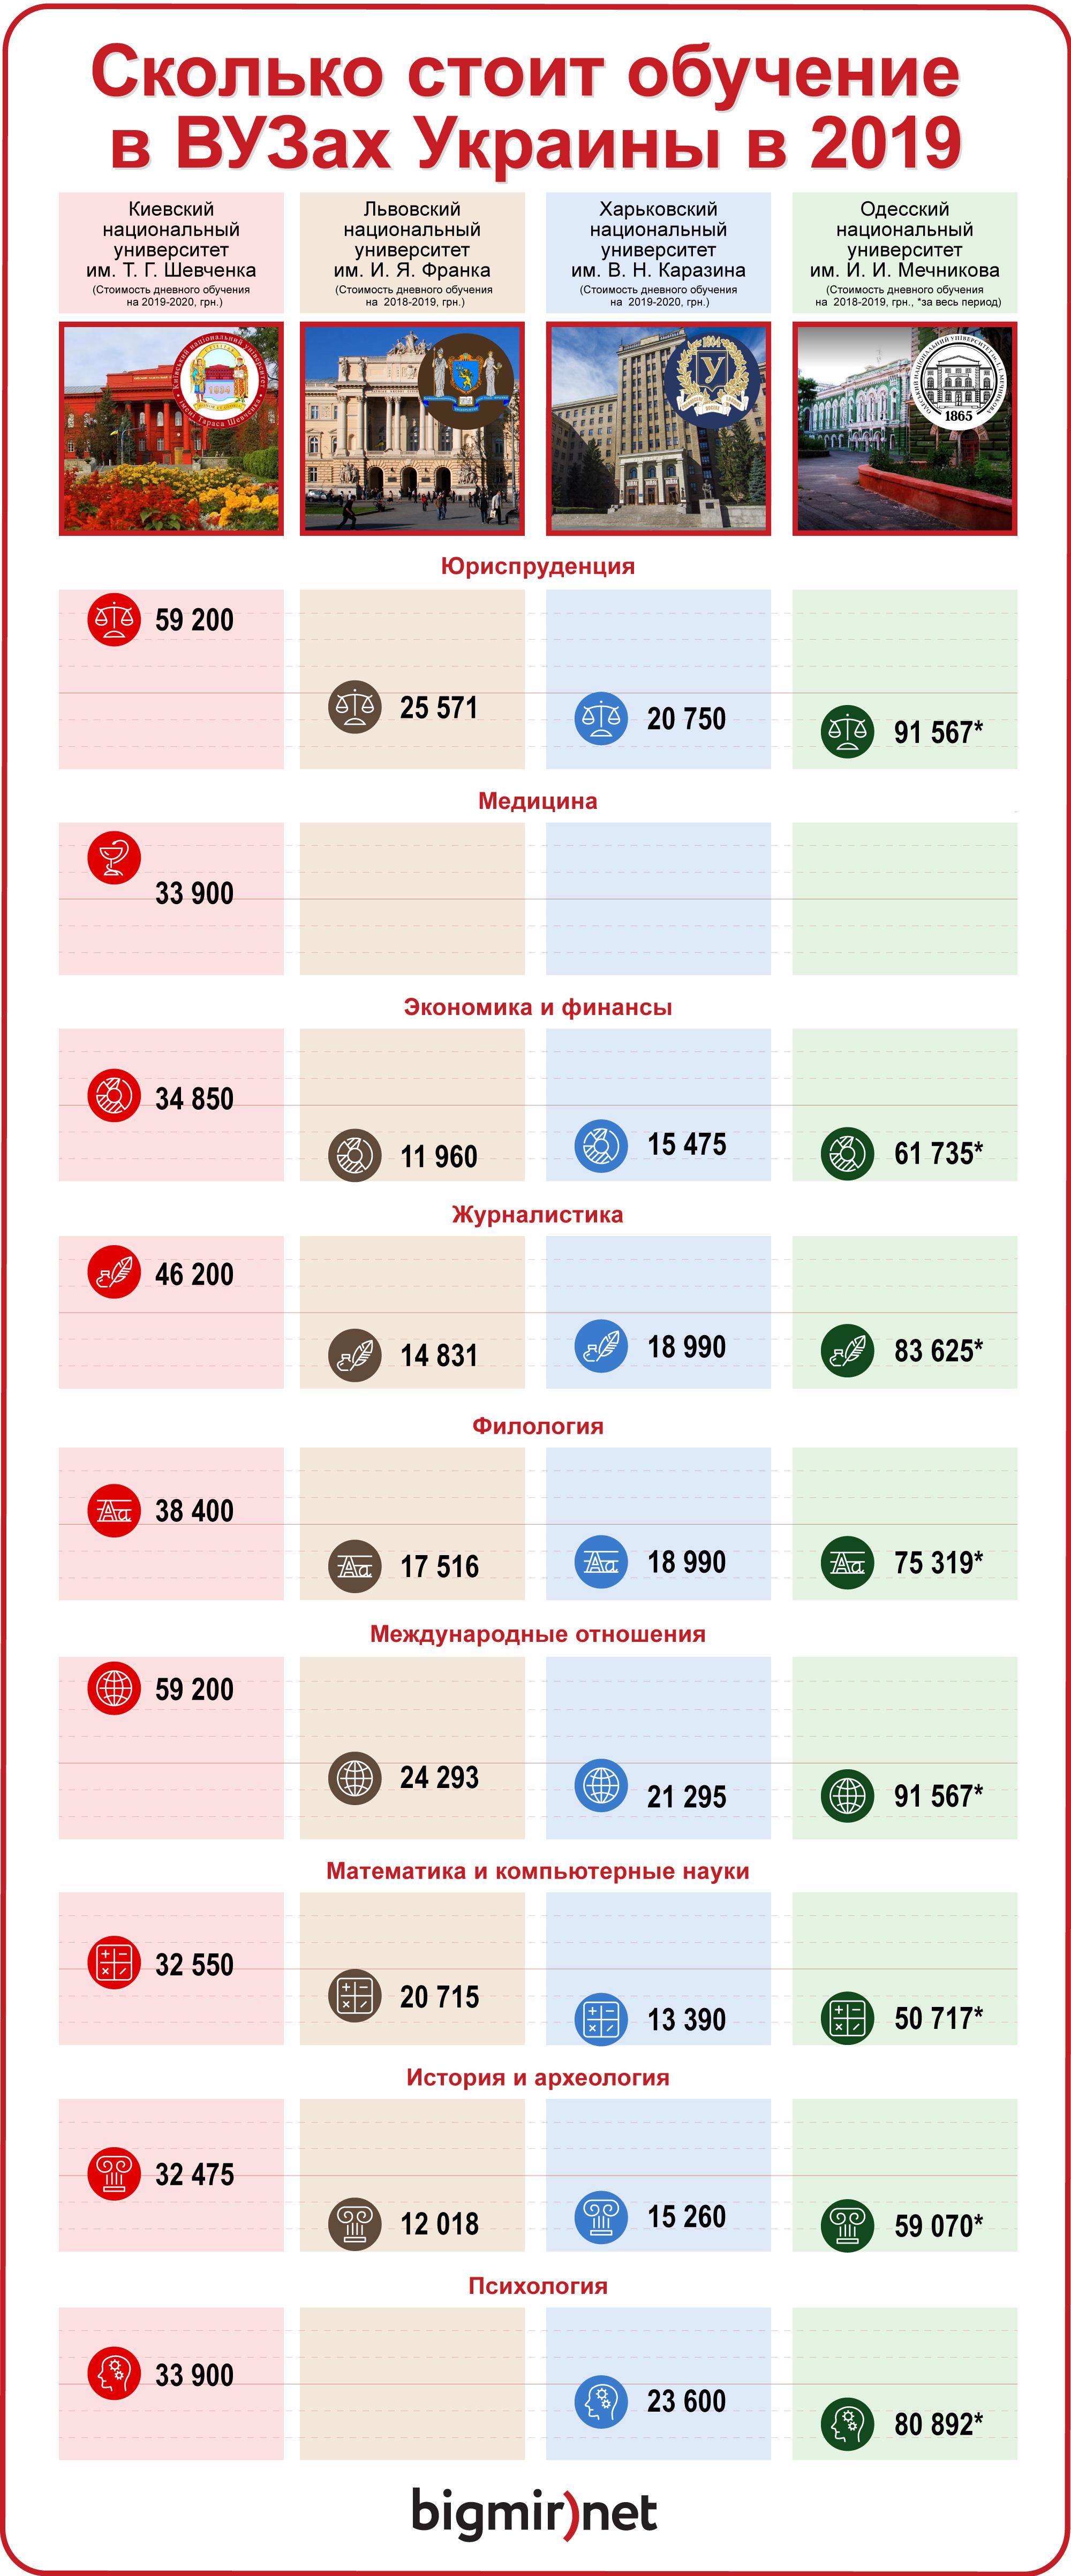 Сколько стоит обучение в ВУЗах Украины в 2019 году